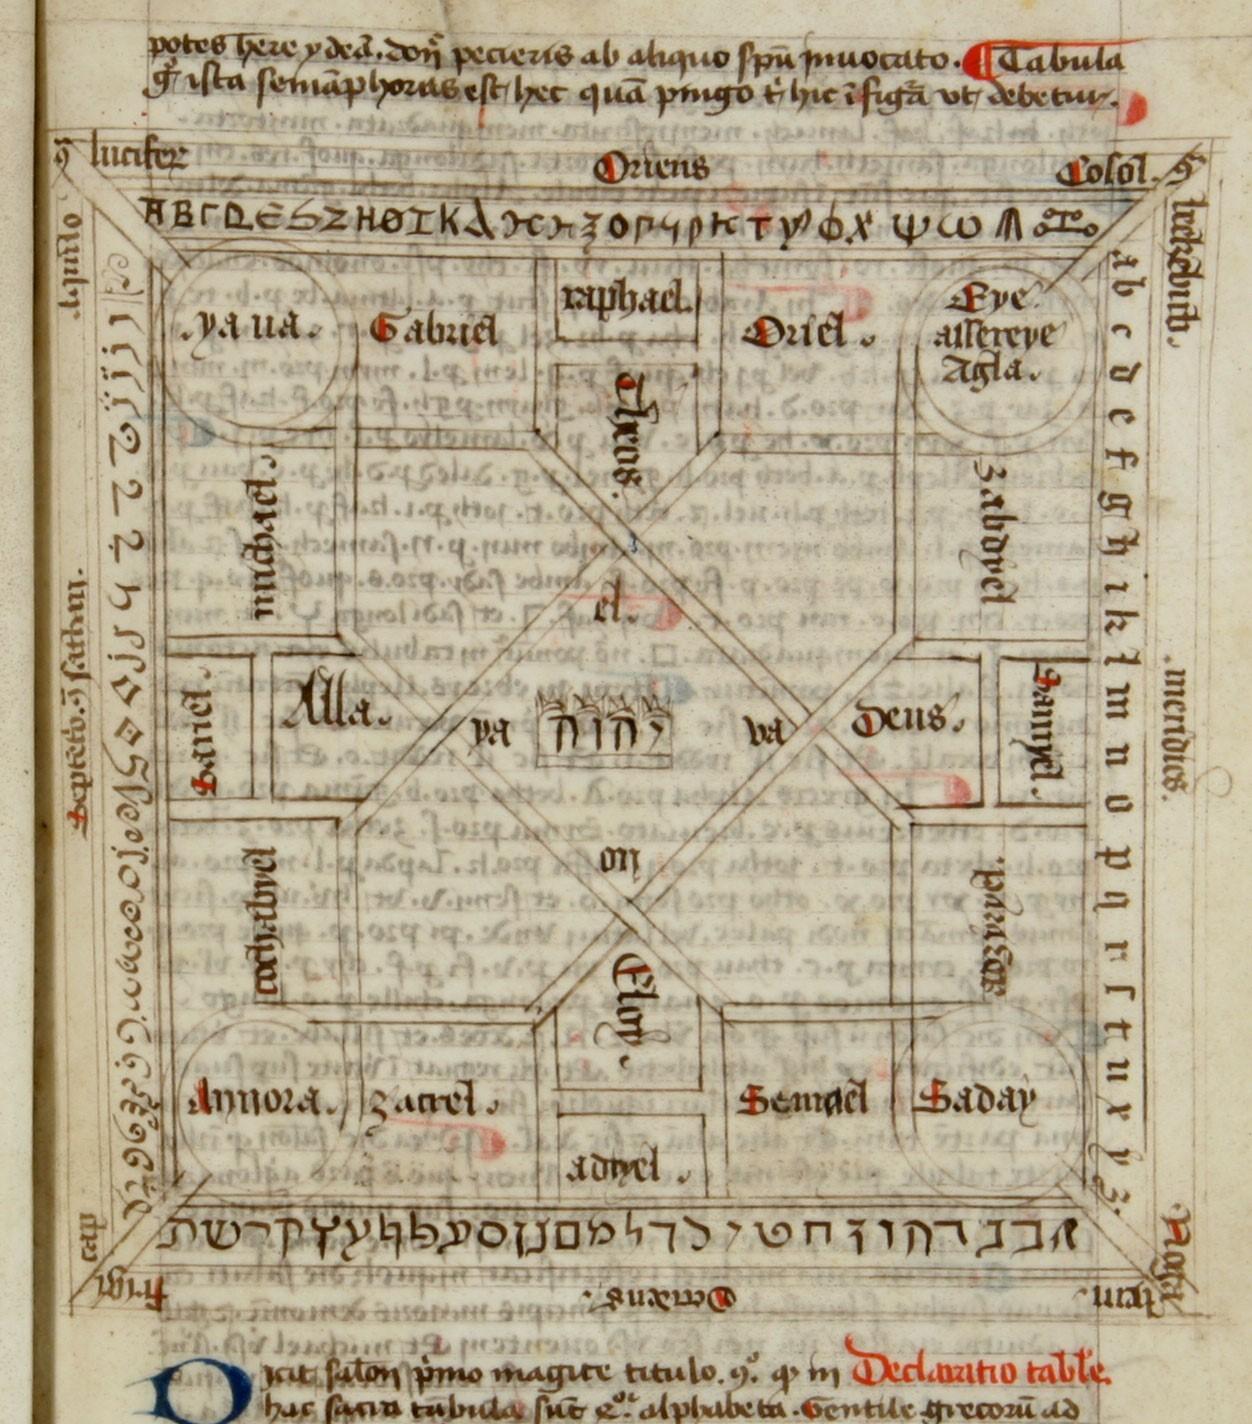 La Tabula Semamphoras dans la Summa sacre magice (1346) de Bérenger Ganell